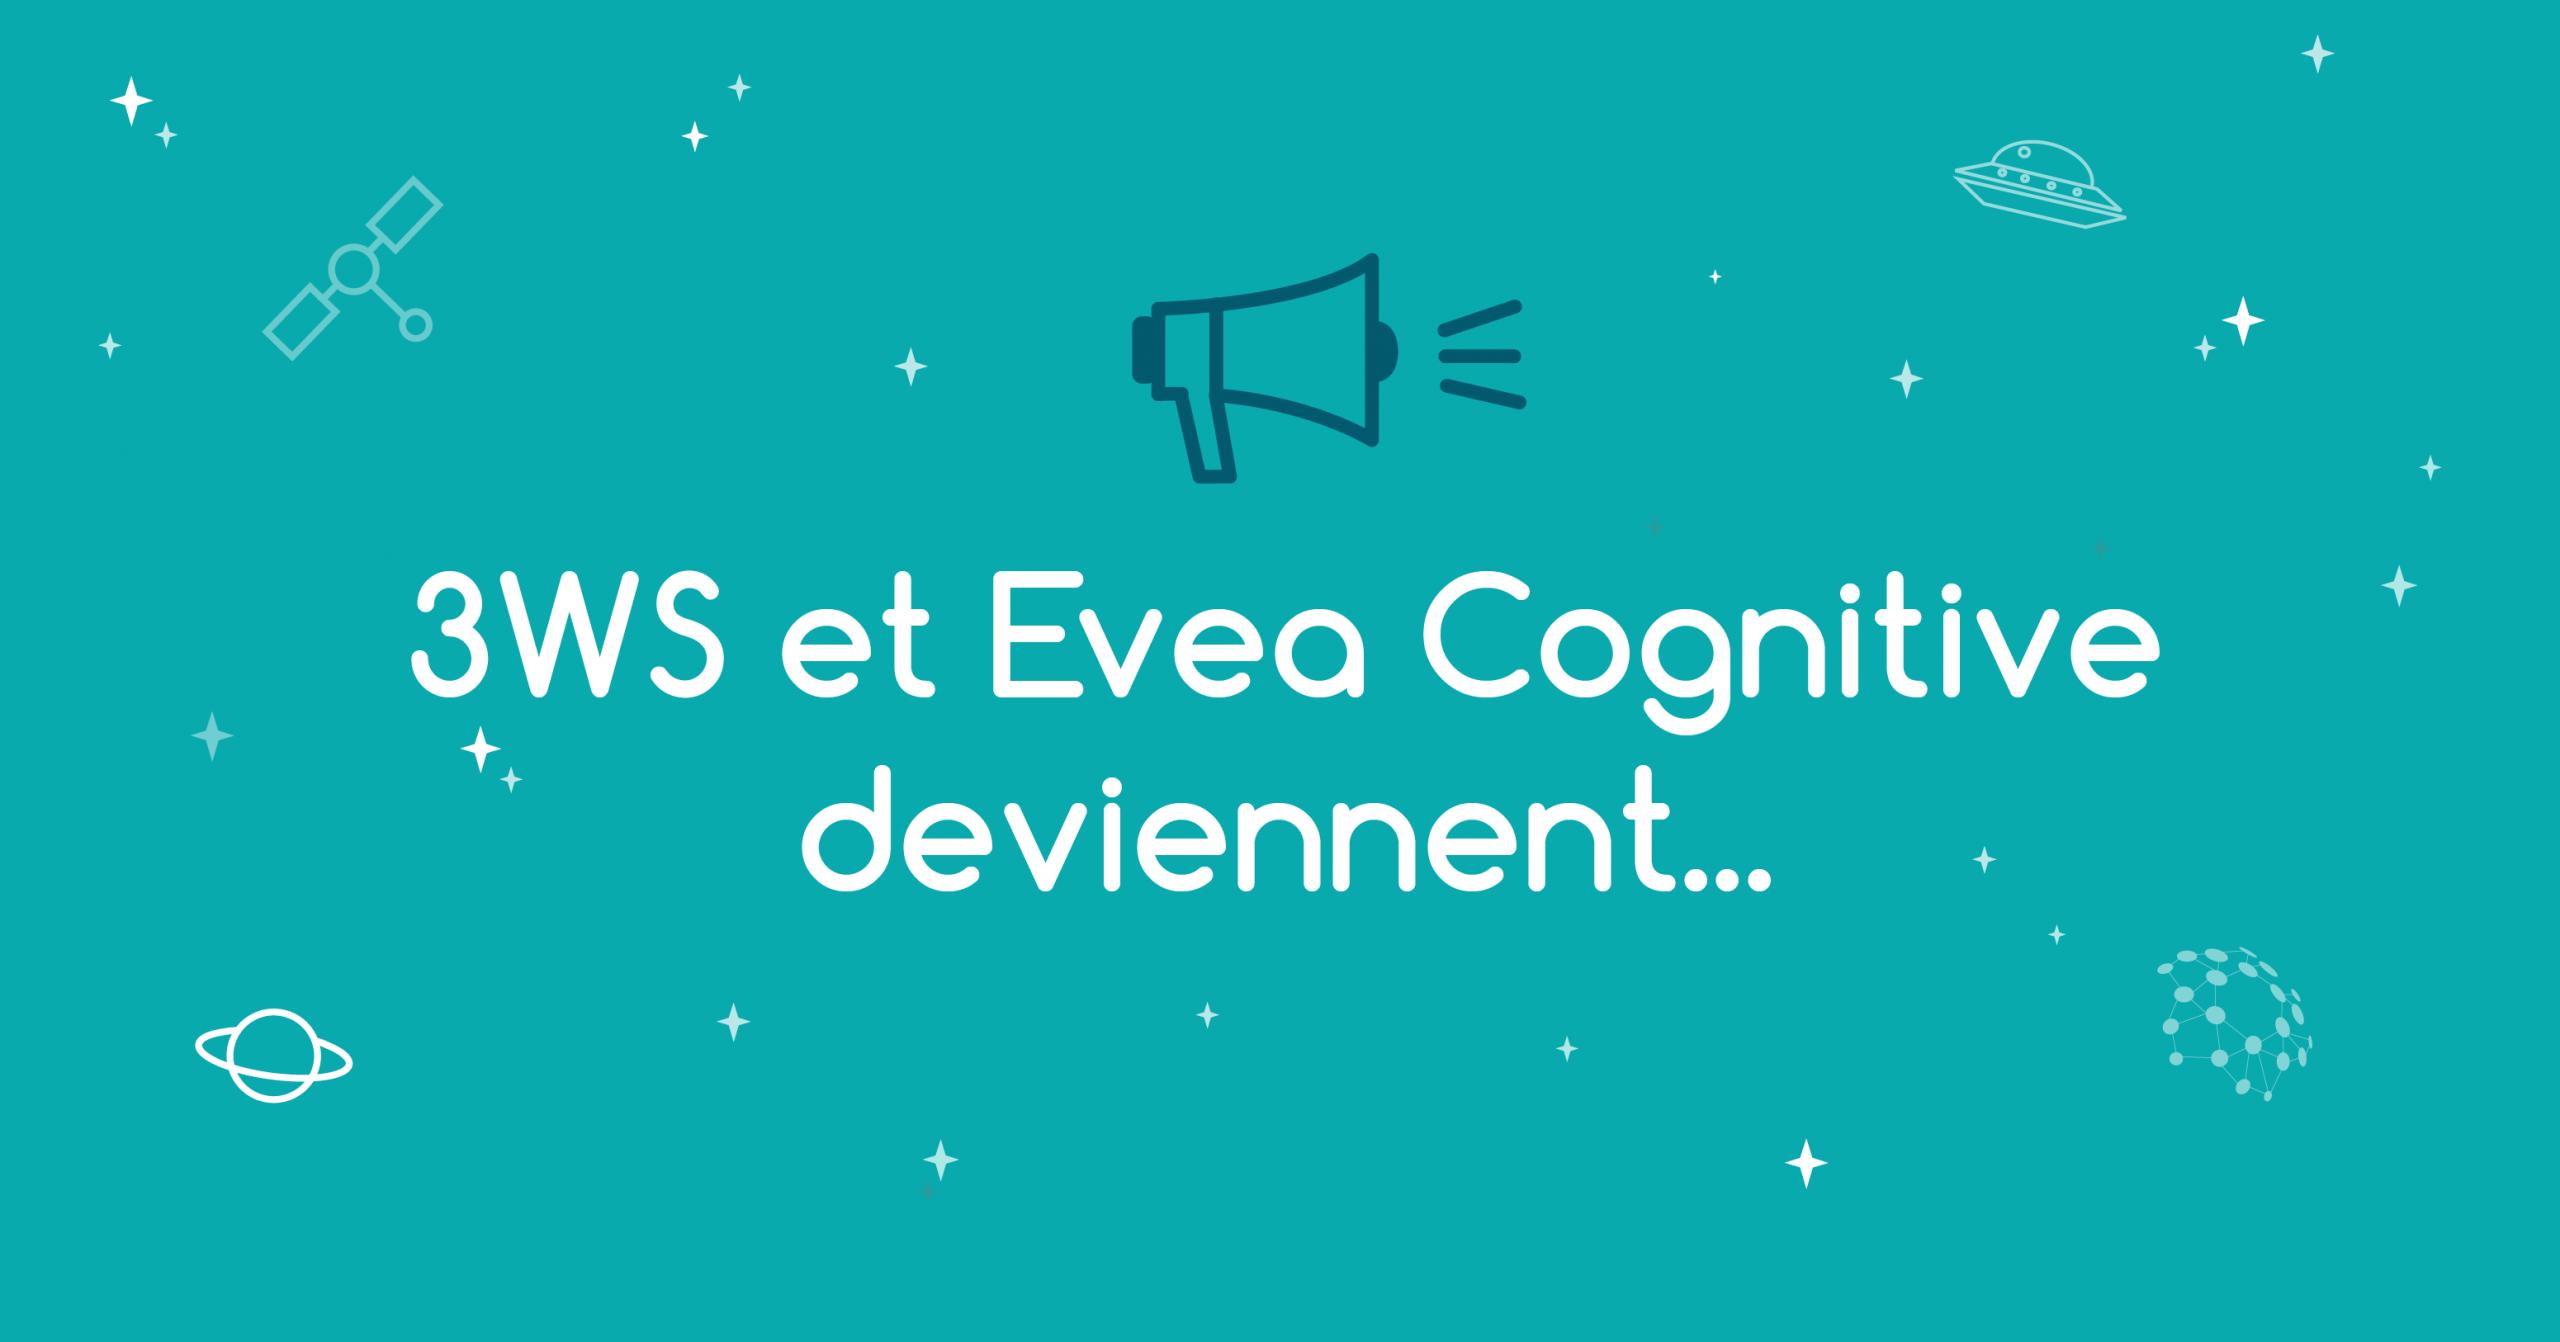 3ws_evea_cognitive_deviennent_kapela